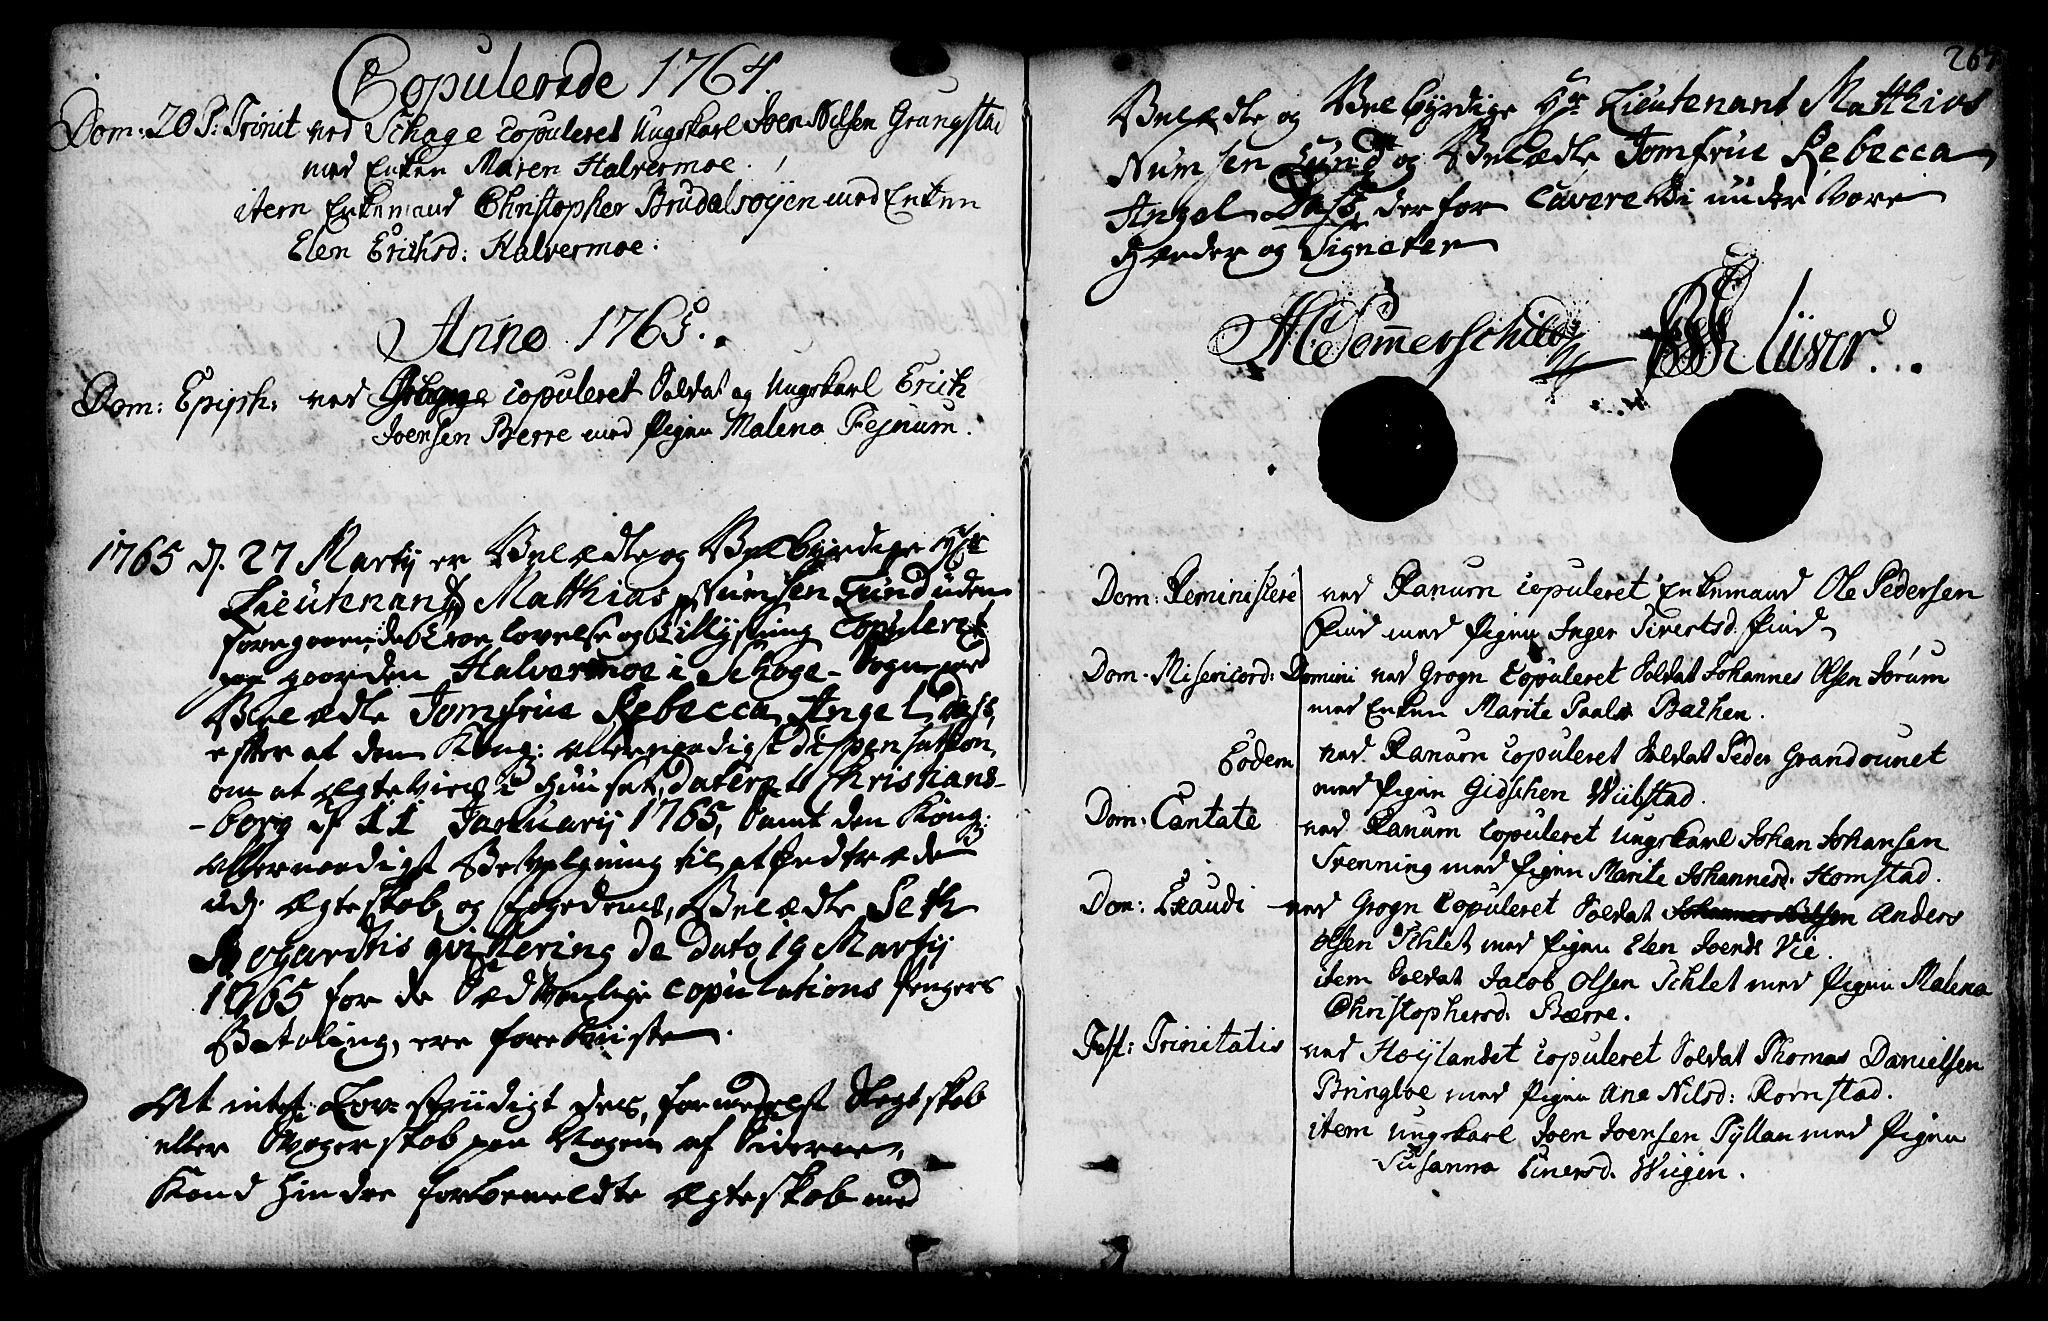 SAT, Ministerialprotokoller, klokkerbøker og fødselsregistre - Nord-Trøndelag, 764/L0542: Ministerialbok nr. 764A02, 1748-1779, s. 267